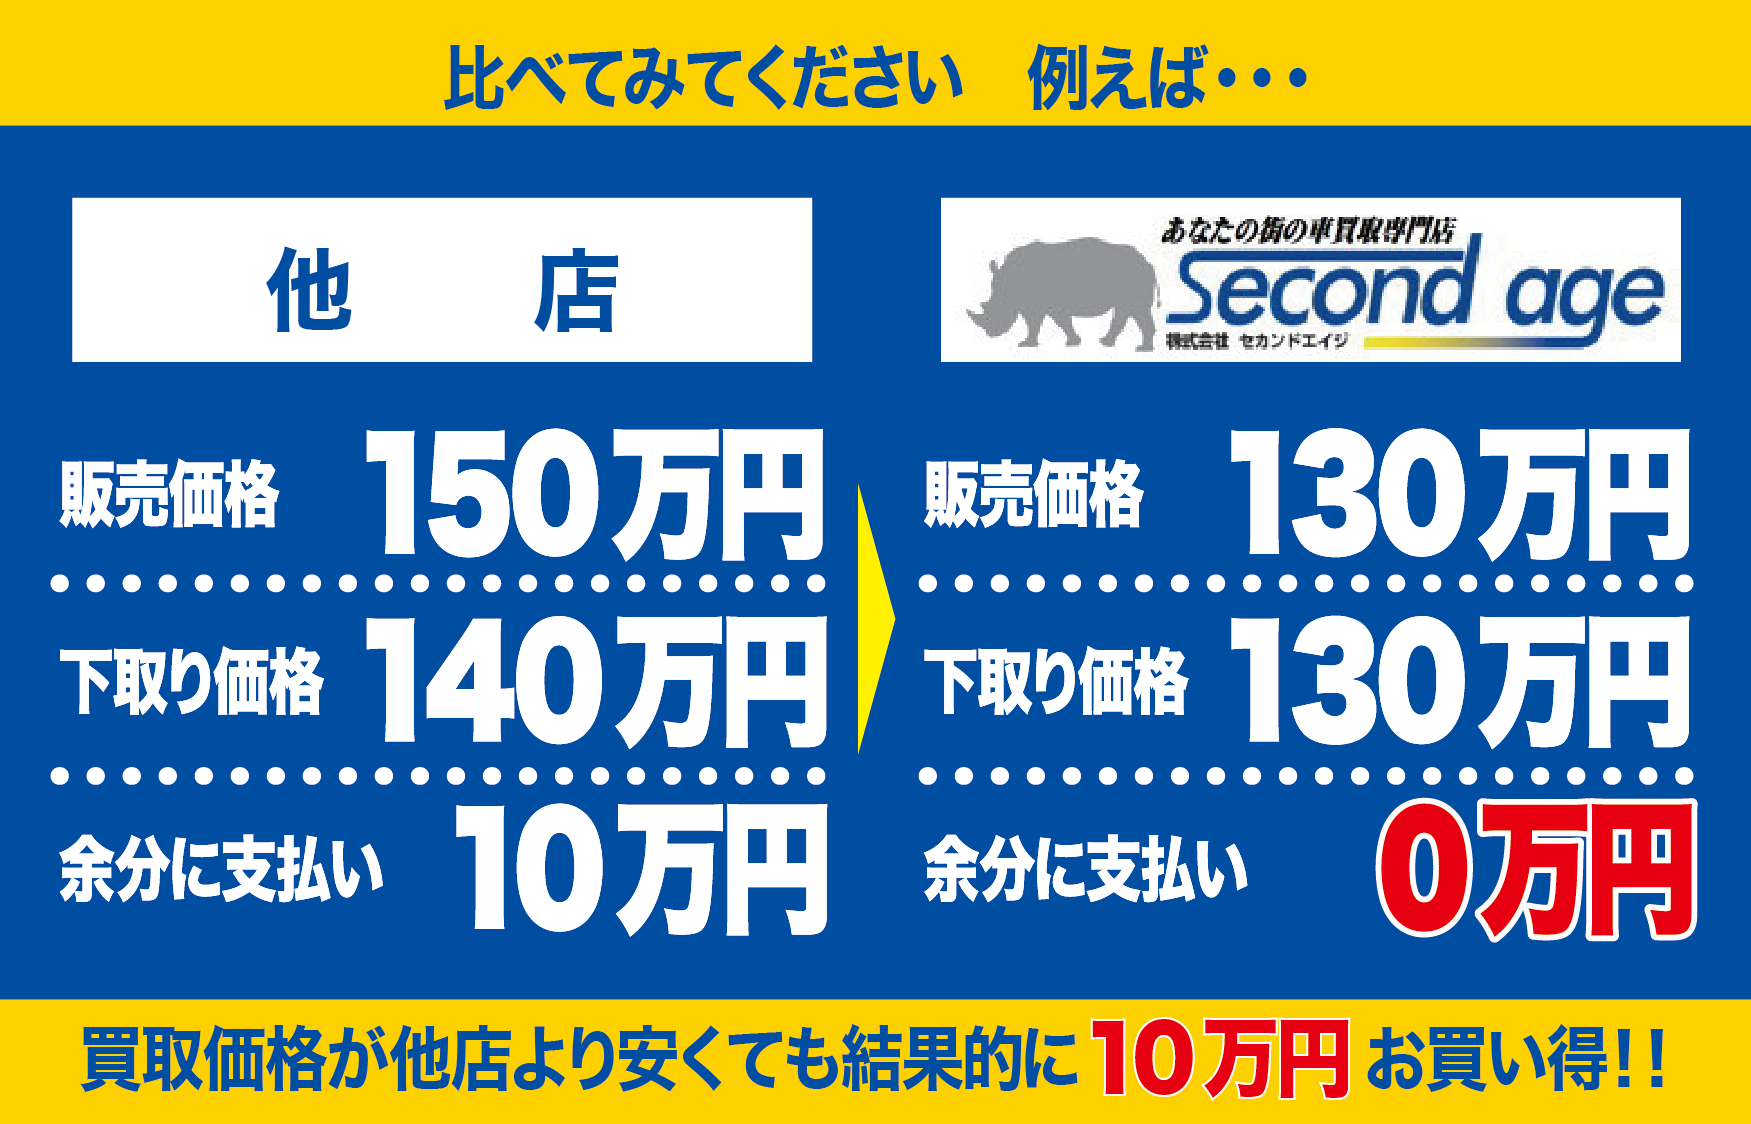 他店と比較して10万円お買い得